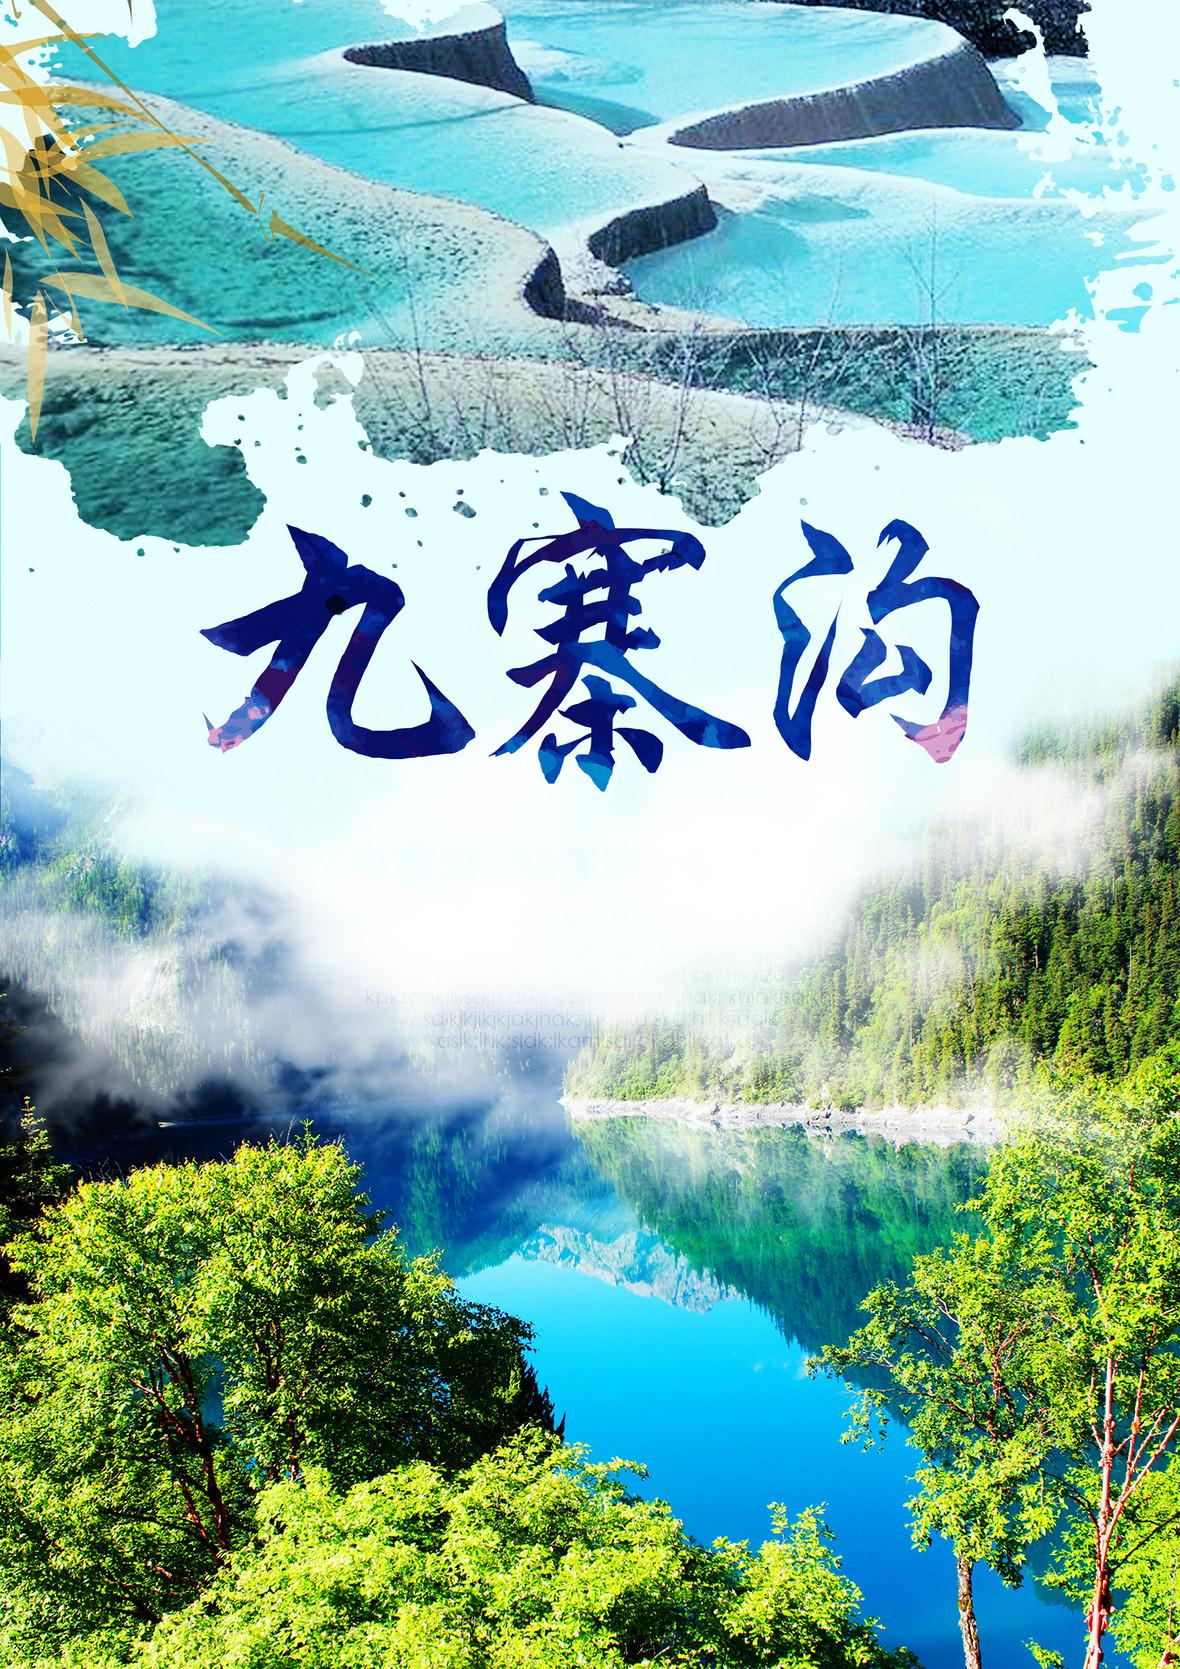 九寨沟风景旅游广告背景素材